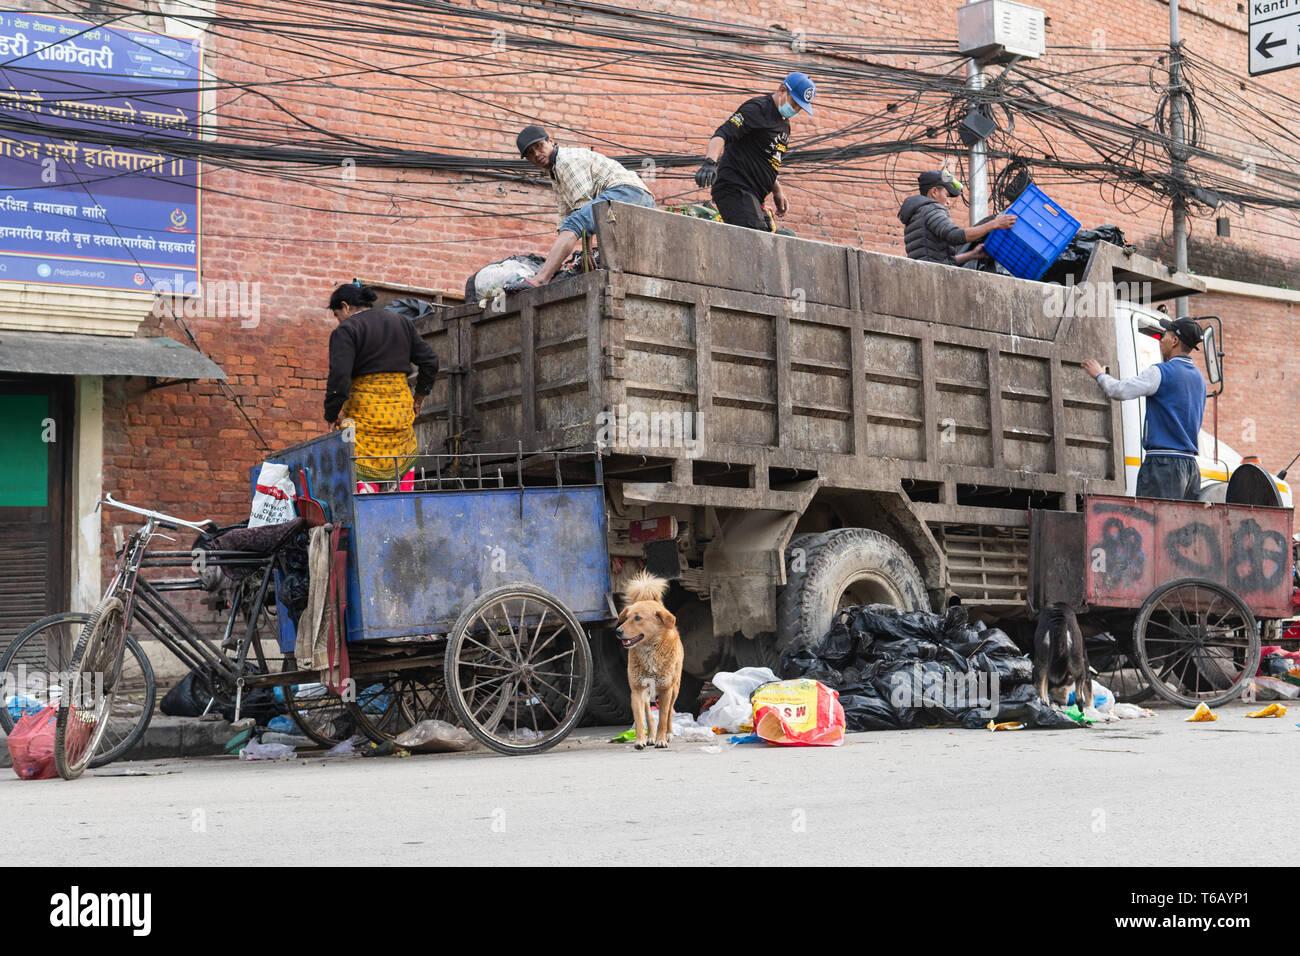 Katmandú, Nepal - Abril 20th, 2019 - Los recolectores de basura y perros ordenar a través de los montones de basura en las primeras horas de la mañana en la calle. Imagen De Stock